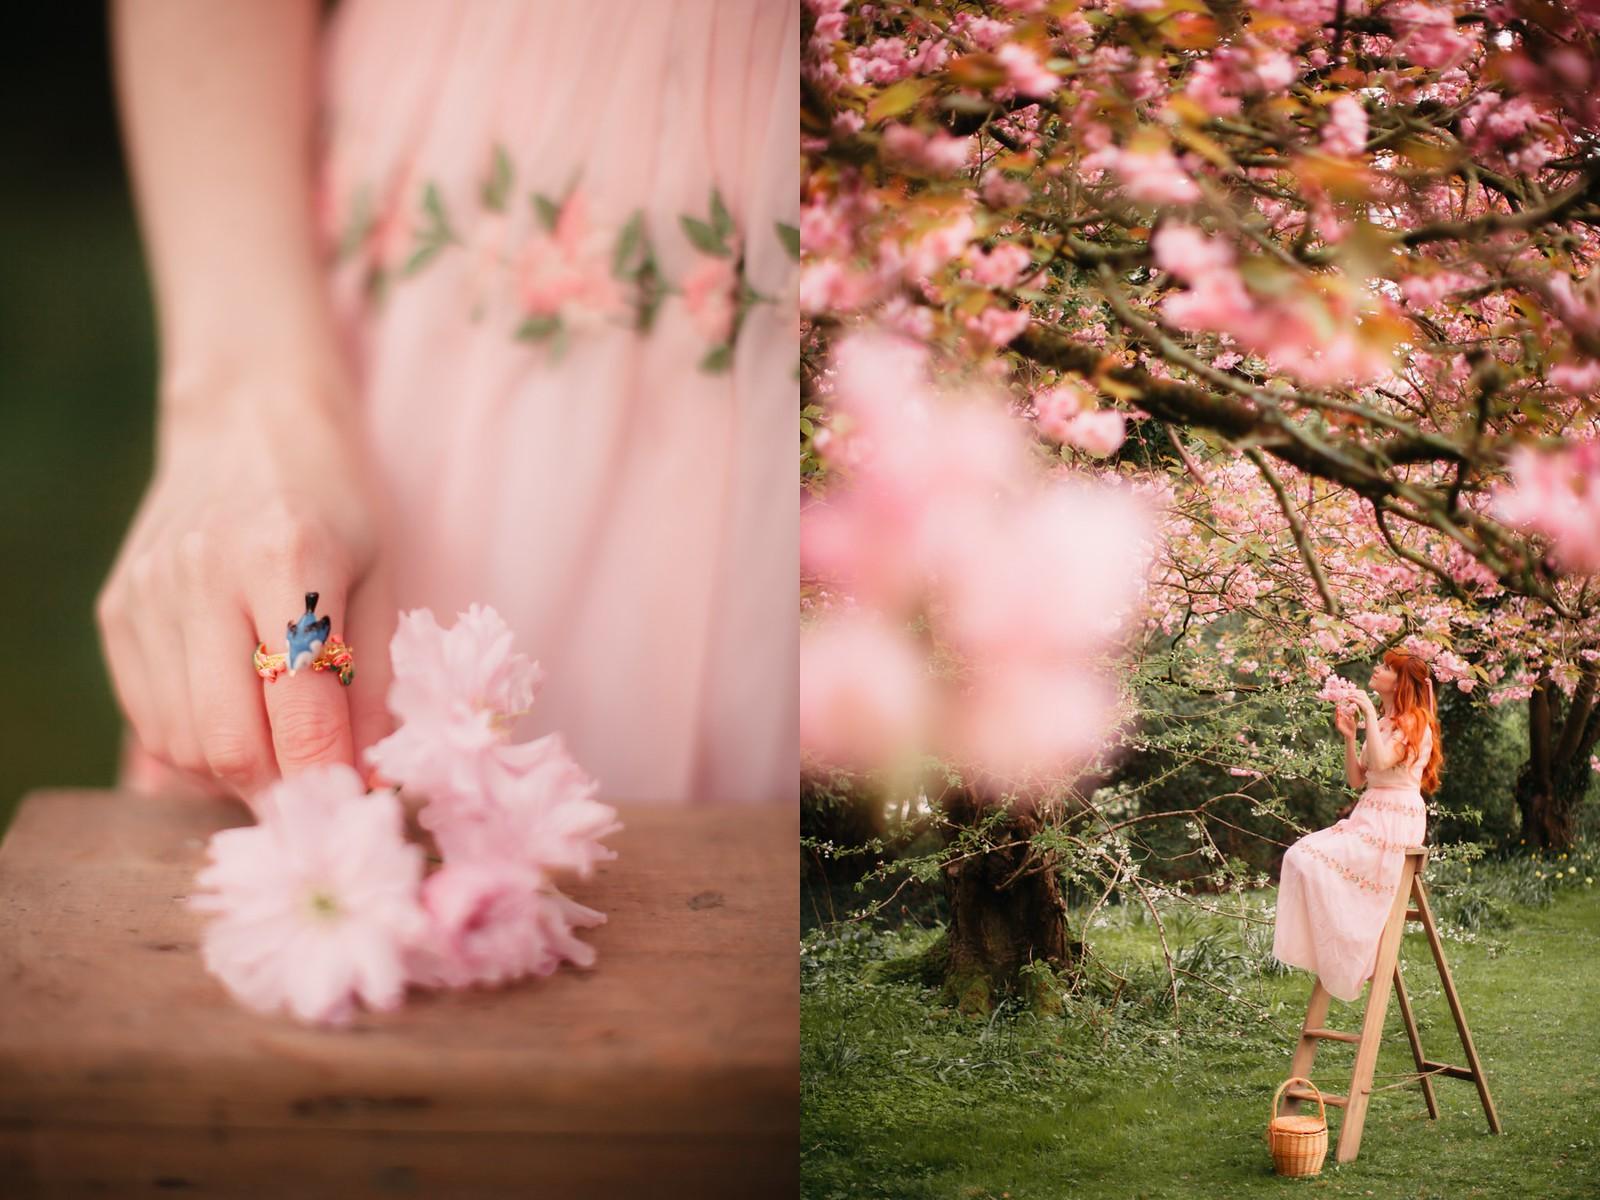 cherry blossom-5-side